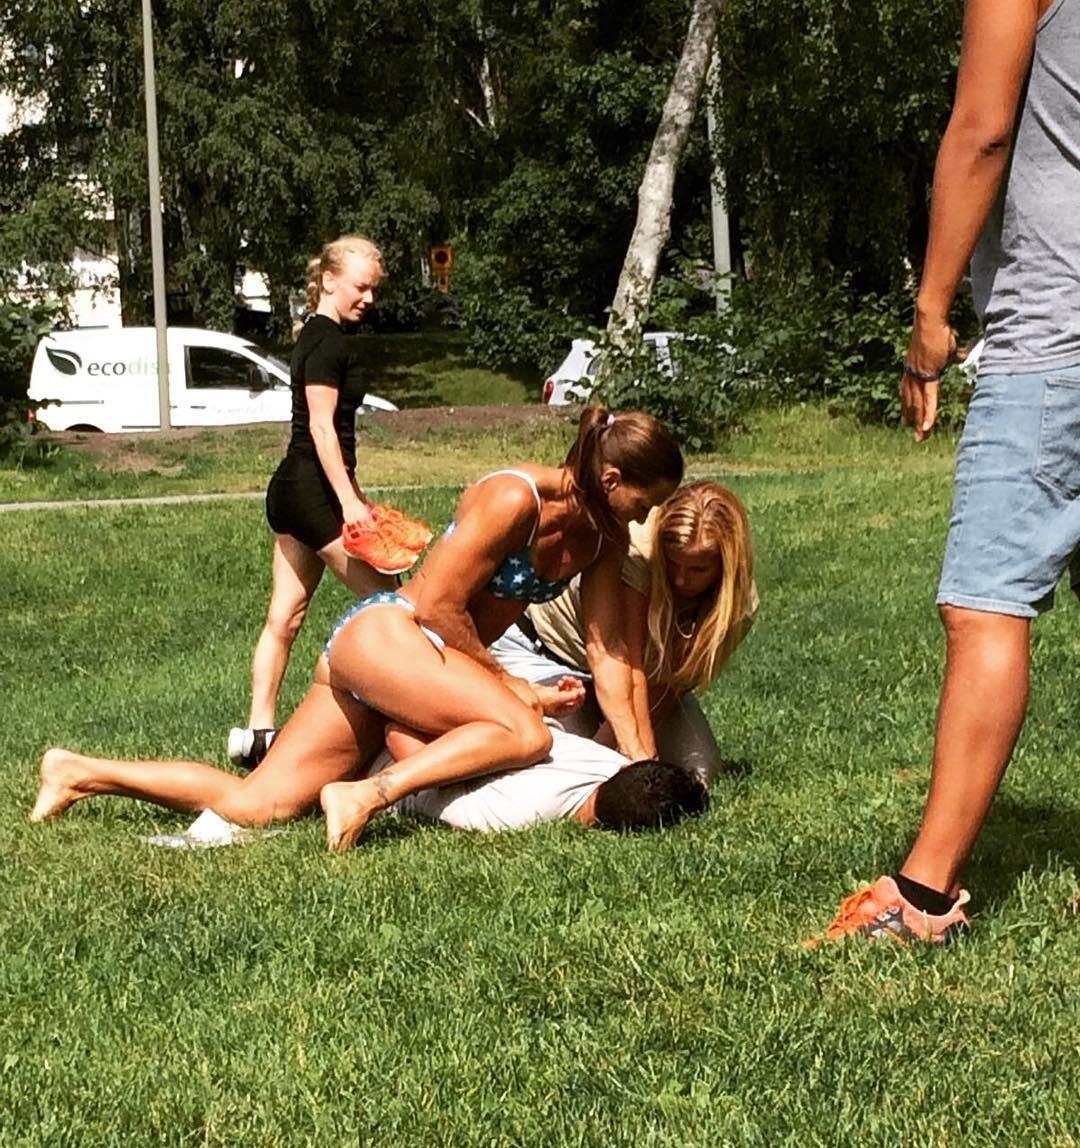 Policial de biquíni prende trombadinha em parque na Suécia e foto bomba